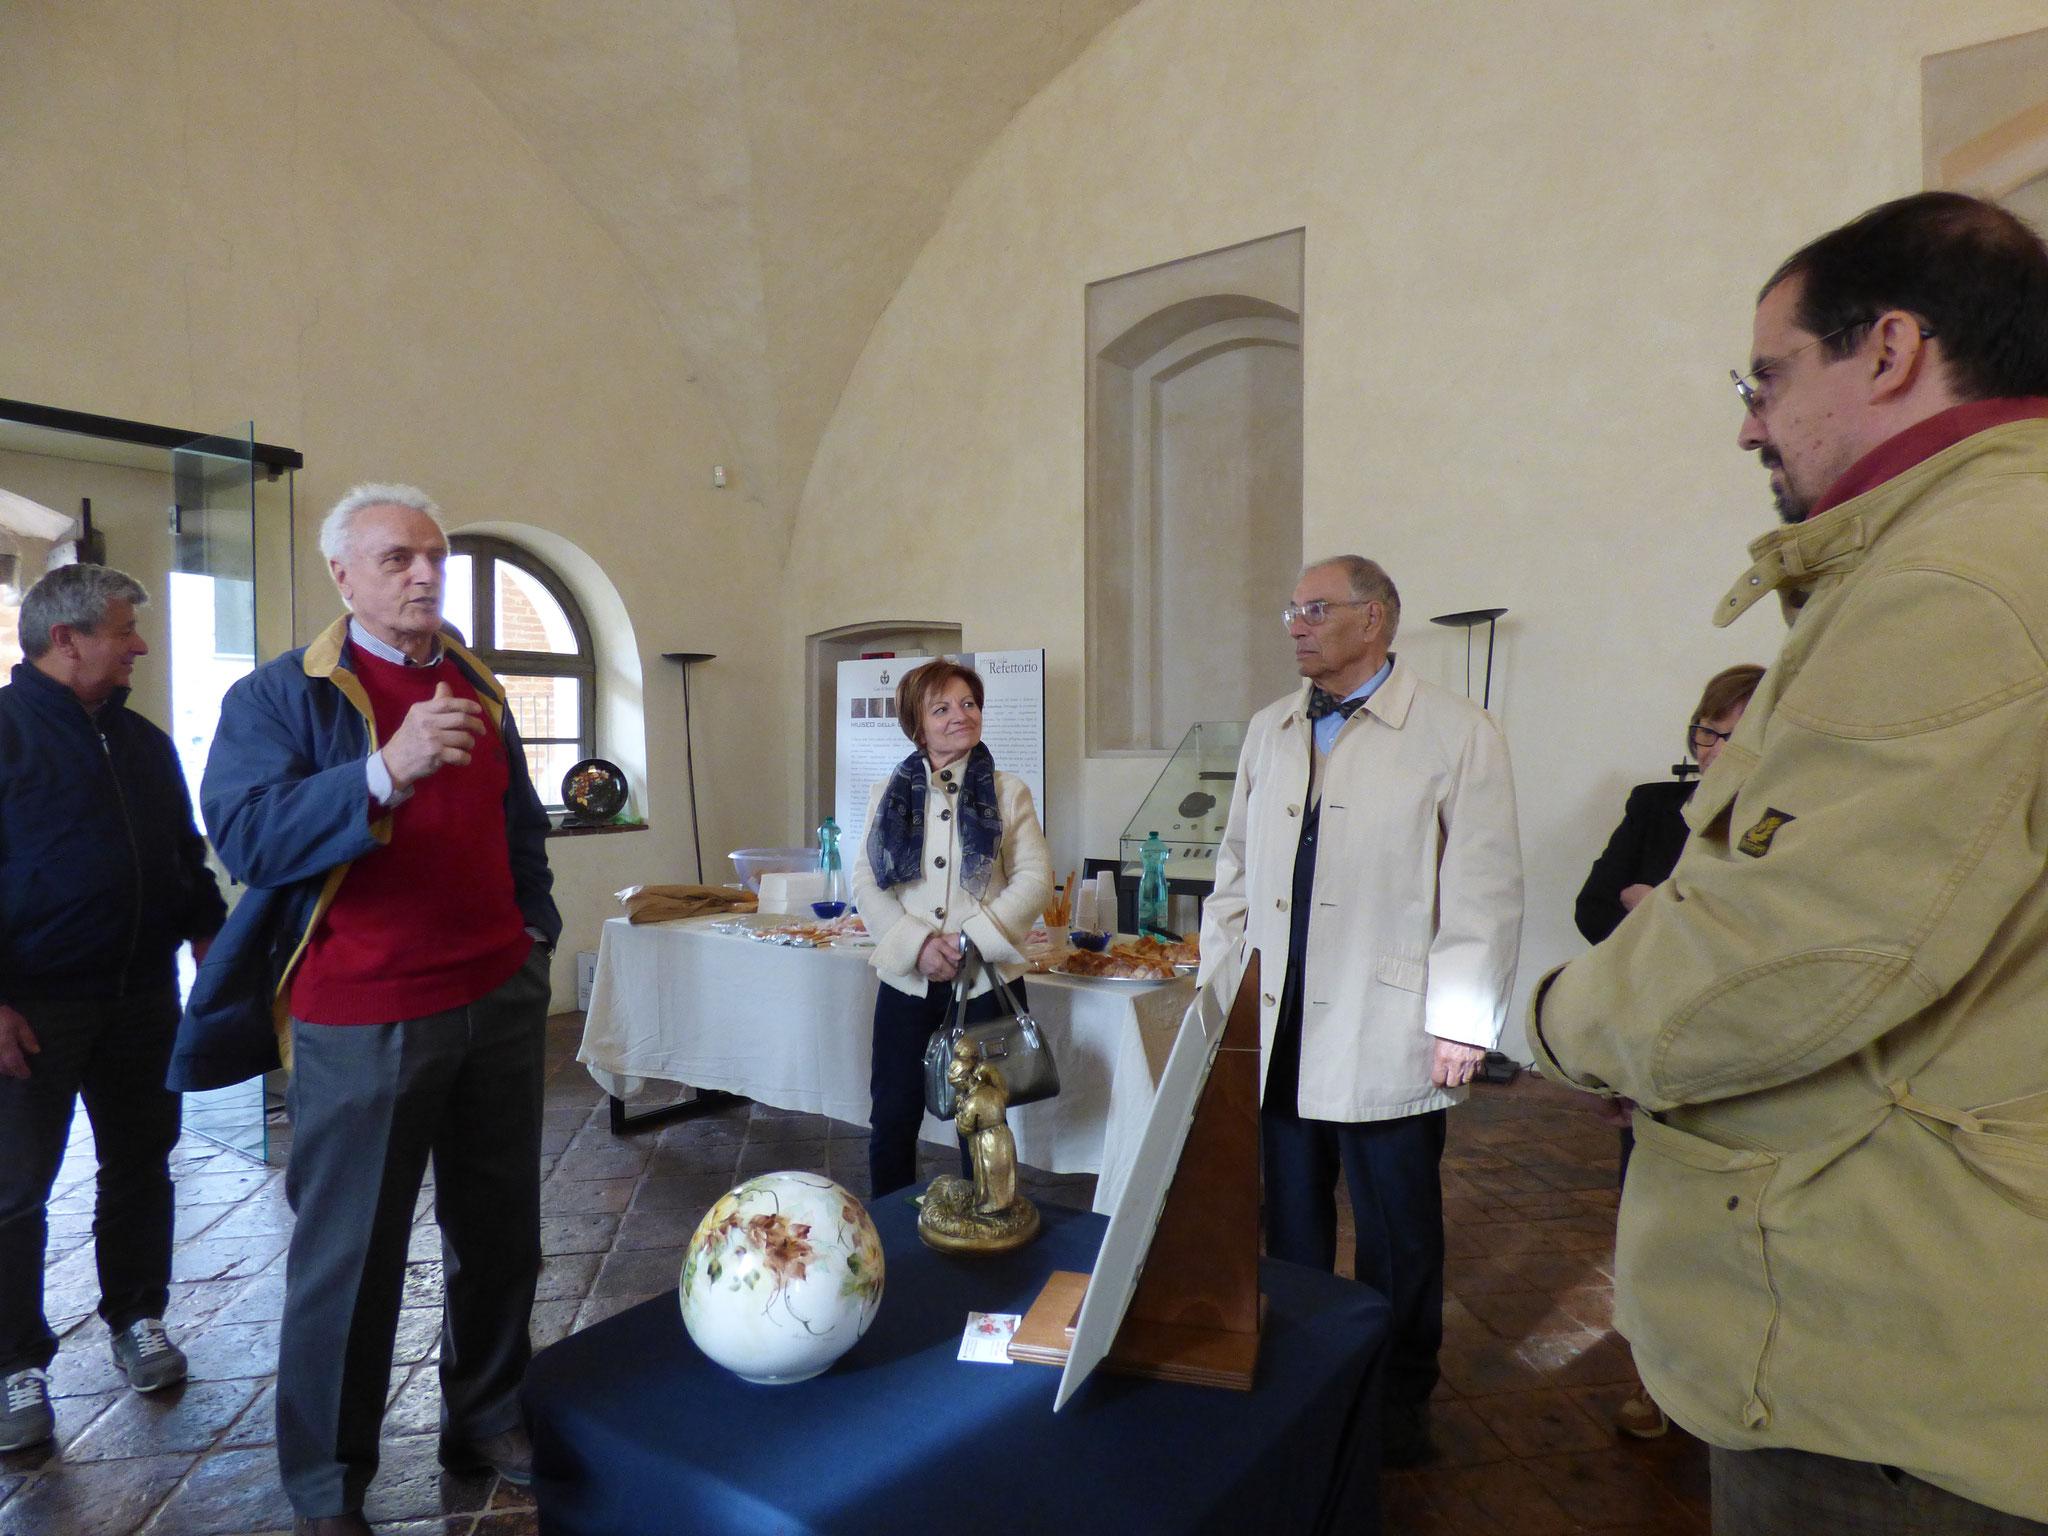 ArTre ... IN MOSTRA dal 18 al 30 aprile a Bobbio - Museo della Città Mostra di Anna Schiavi e Sergio Croci CERAMISTI ArTre